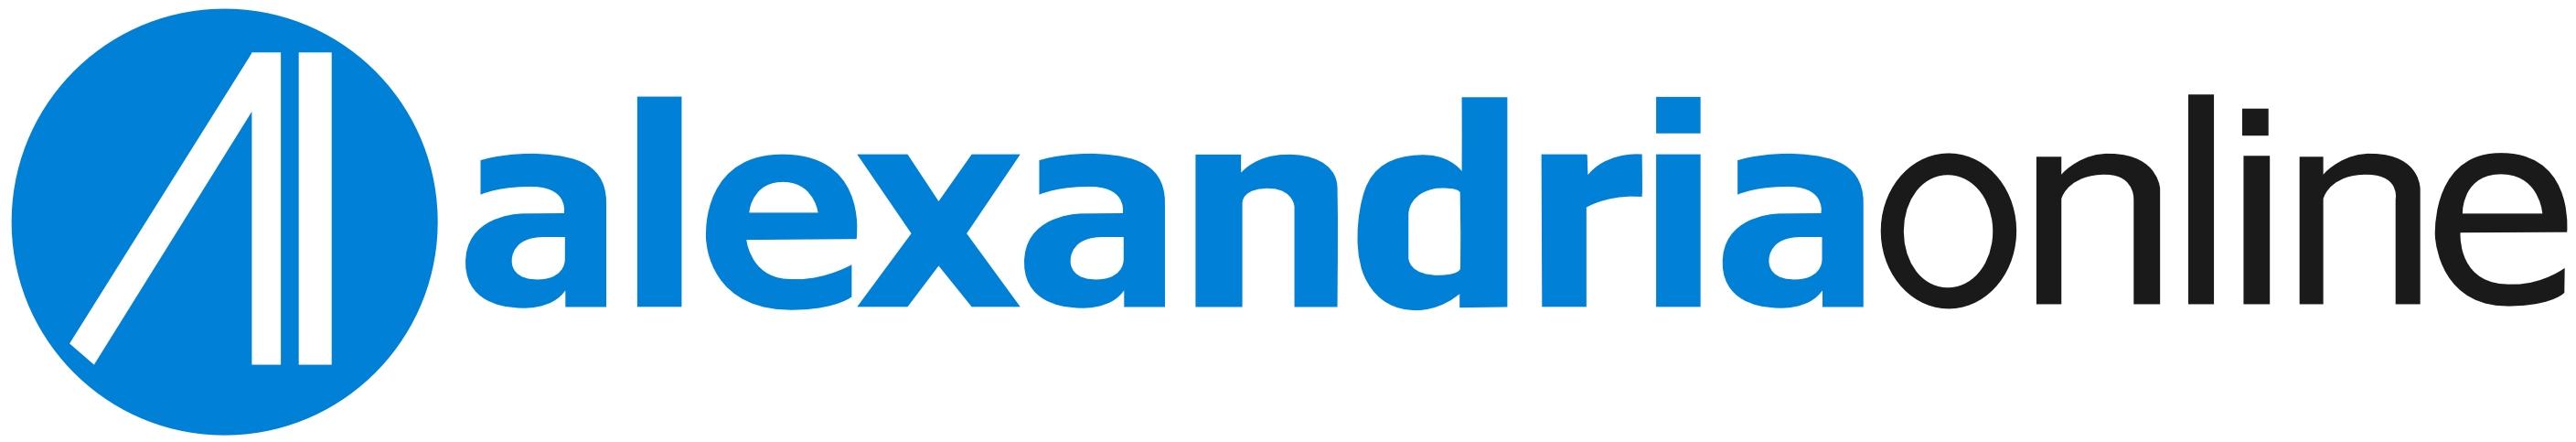 Alexandria online